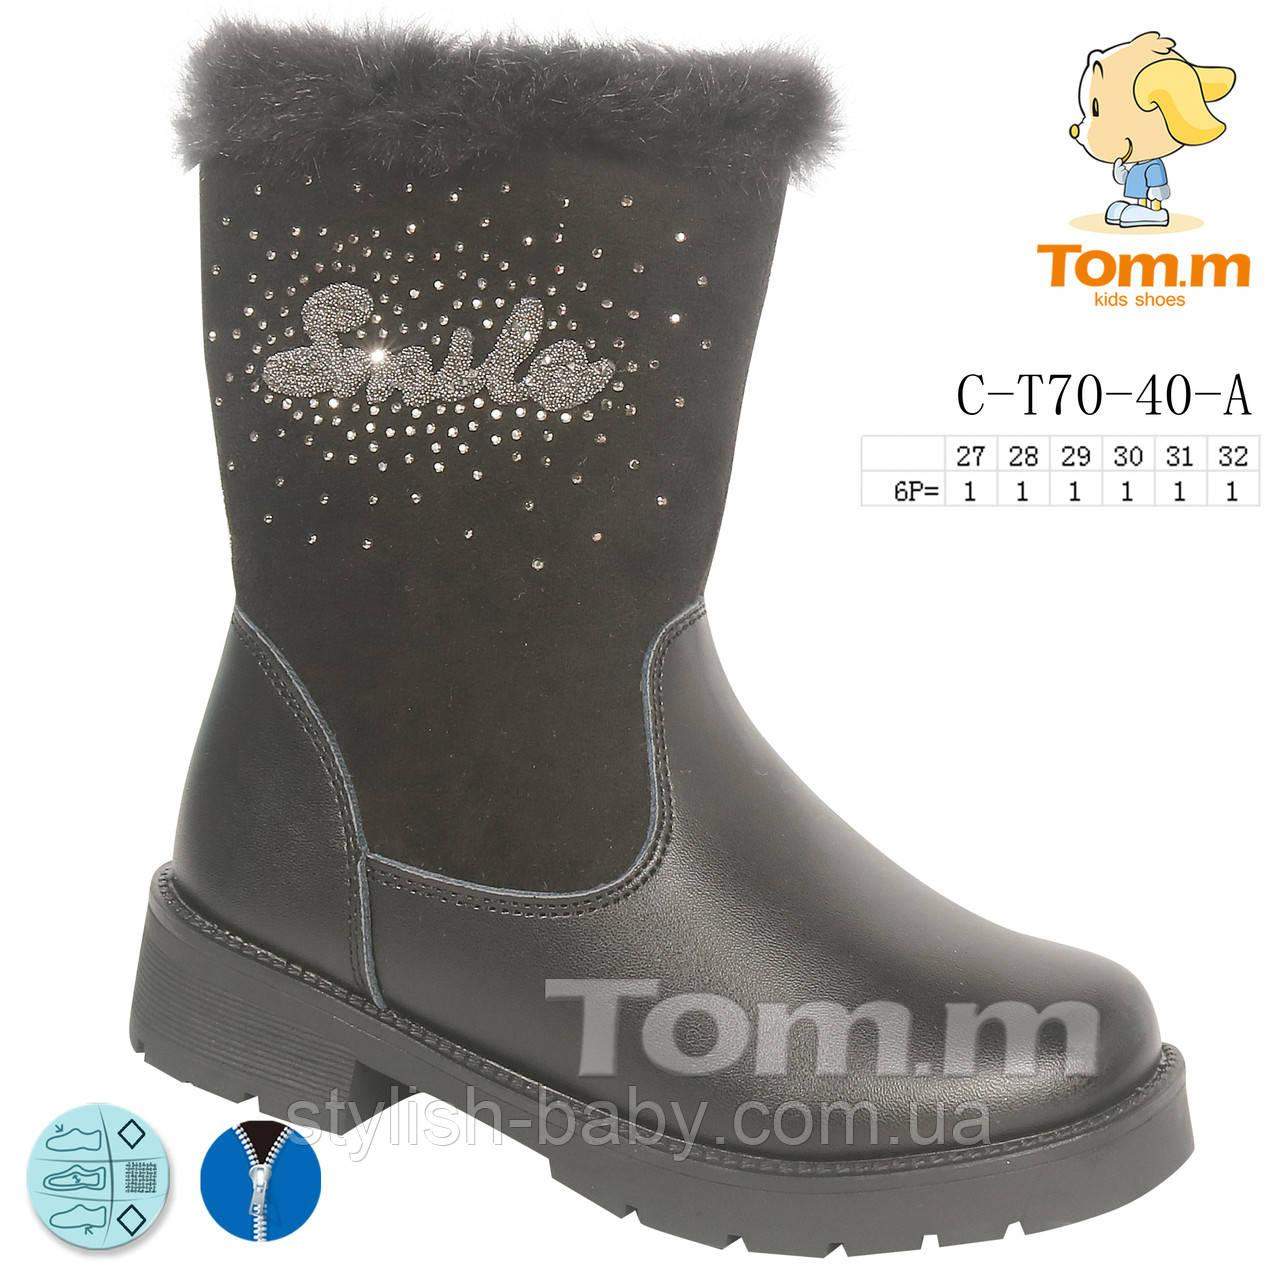 Новітня дитяча зимова колекція 2019 оптом. Дитяче зимове взуття бренду Tom.m для дівчаток (рр. з 27 по 32)